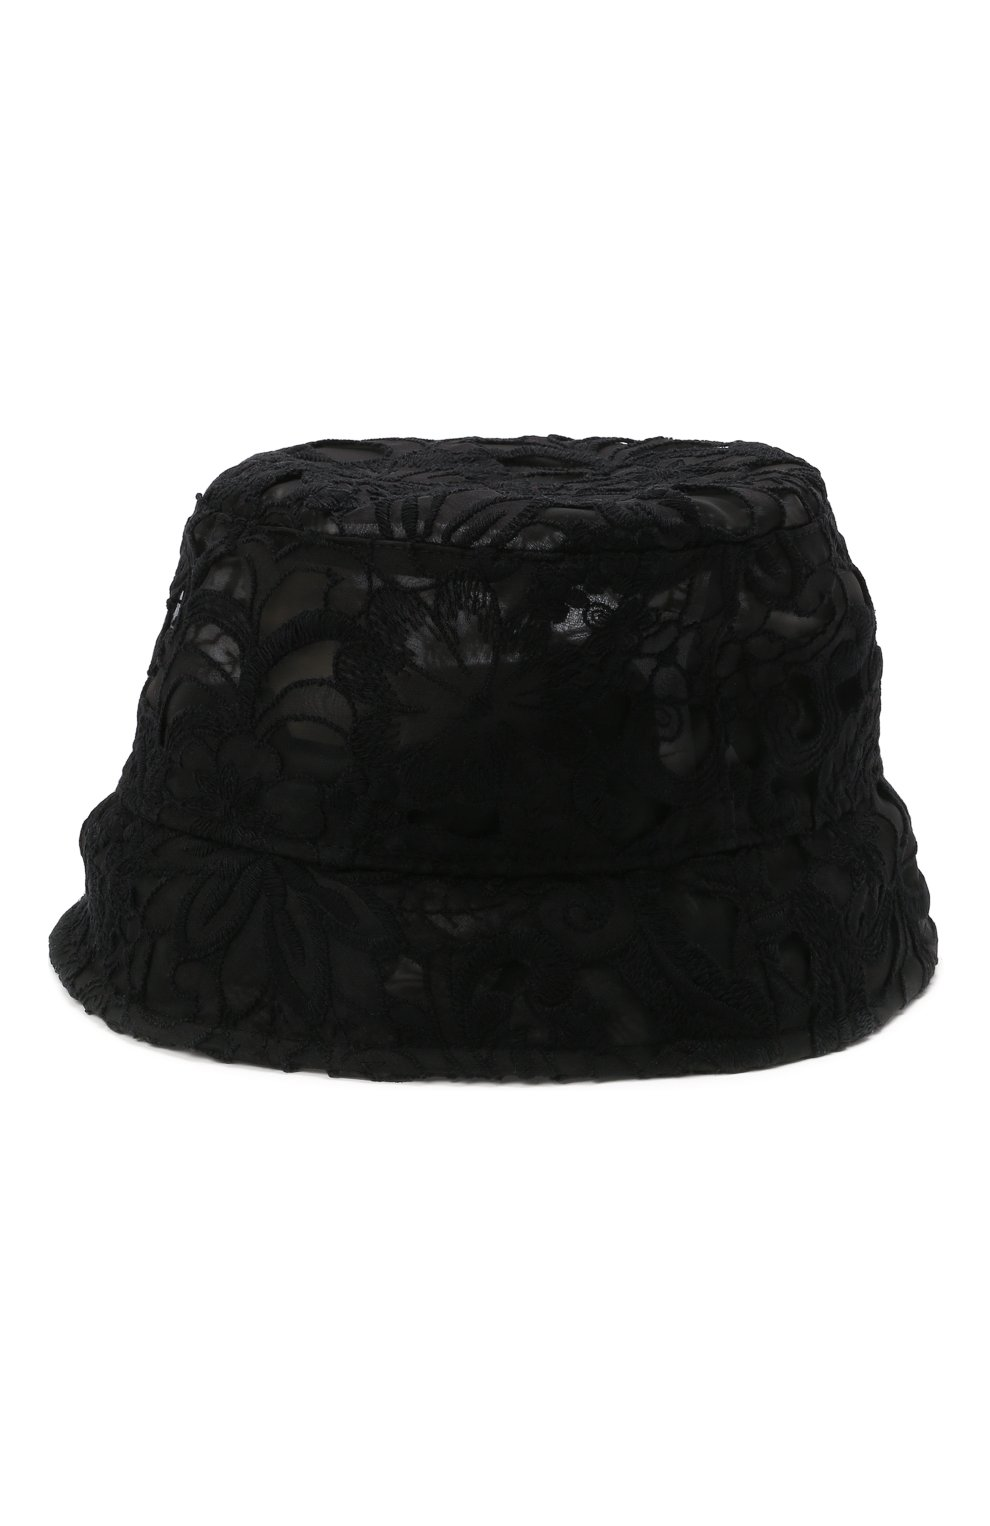 Женская панама из хлопка и шелка DOLCE & GABBANA черного цвета, арт. FH701A/FLM3Z   Фото 3 (Материал: Текстиль, Хлопок)